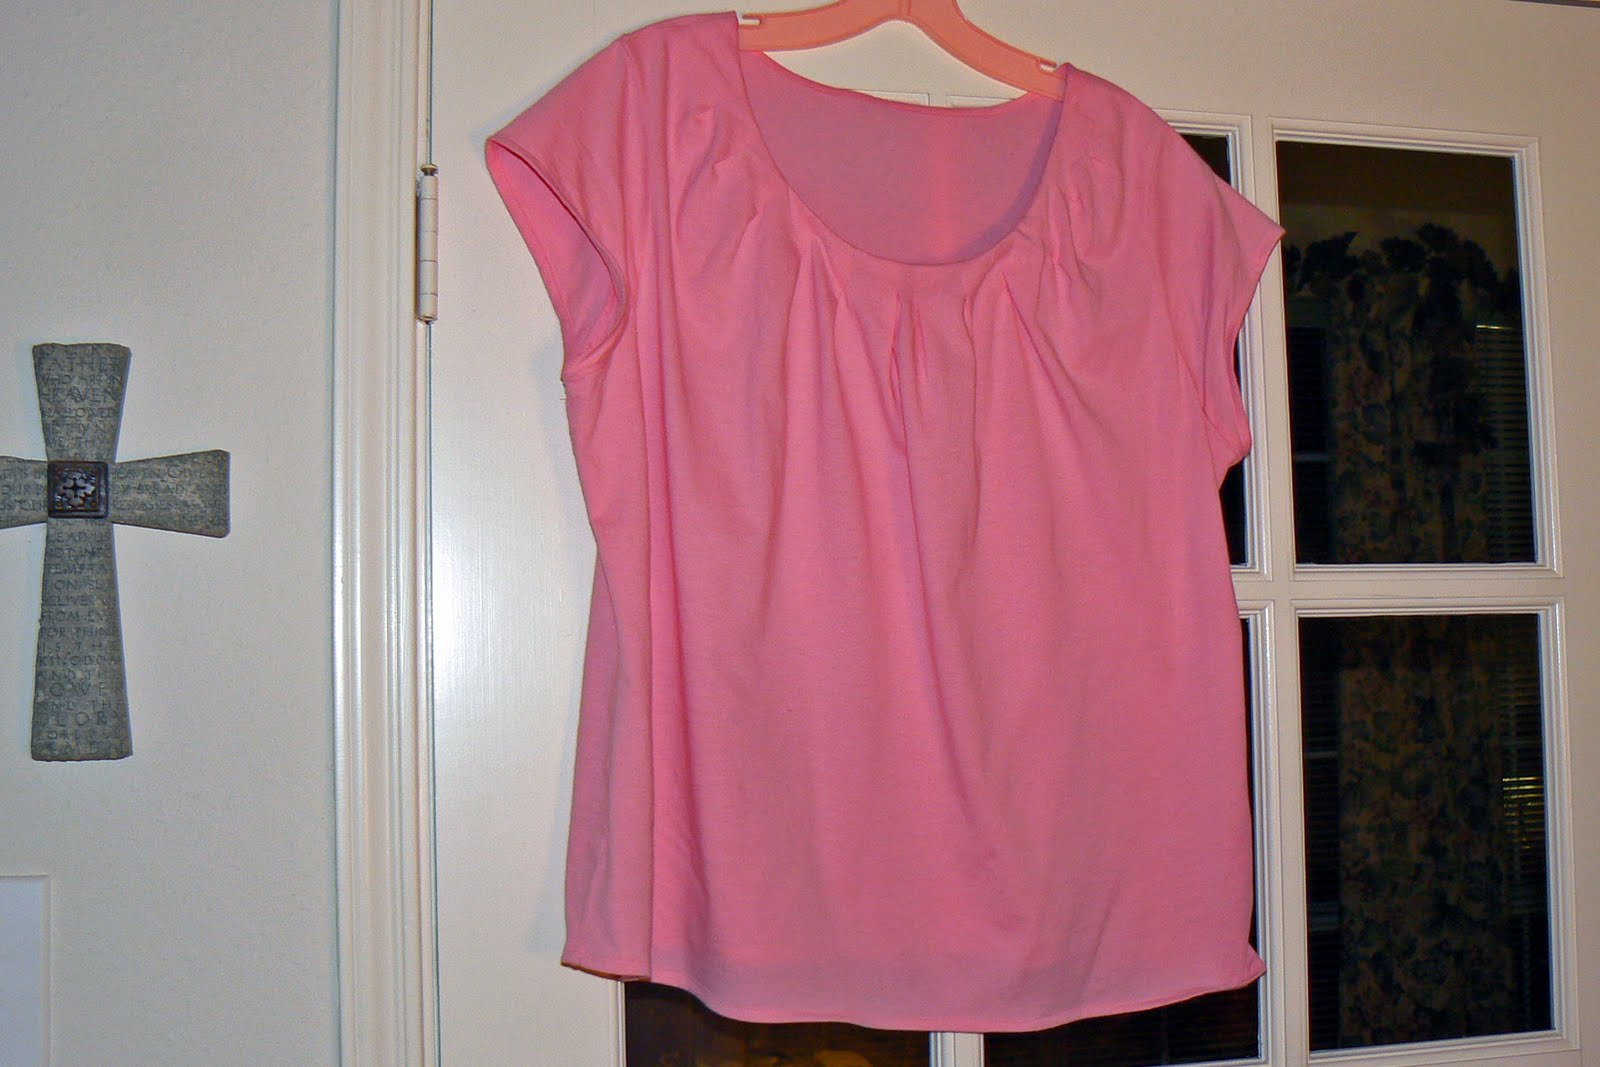 http://1.bp.blogspot.com/_IoCoEilbaj8/TE7VCuCK2nI/AAAAAAAAE6Y/uZhZNXMnoDA/s1600/11_pink_shirt.jpg